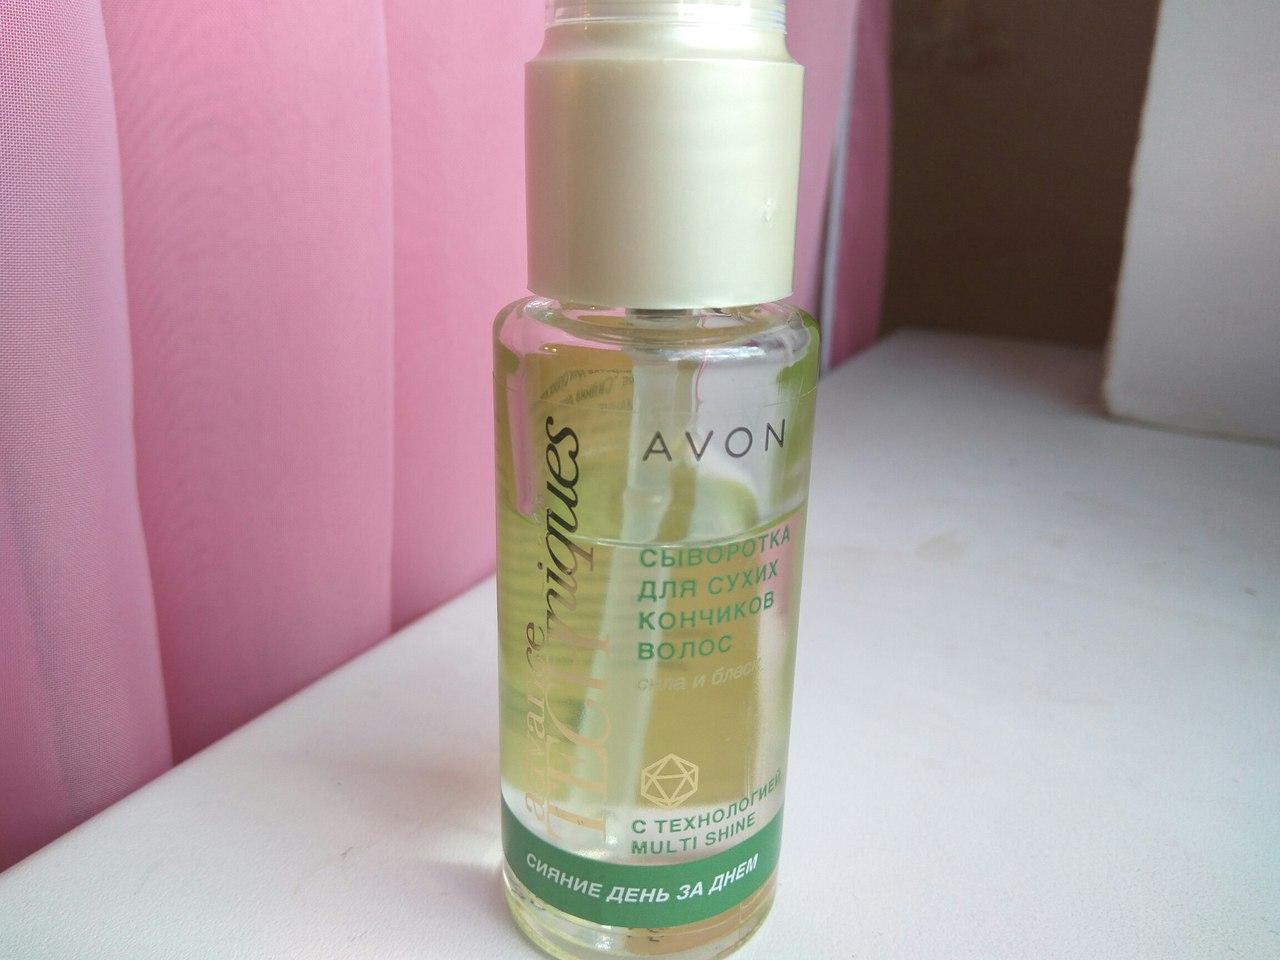 Сыворотка для секущихся кончиков волос «Сияние день за днем» от Avon. Отзыв